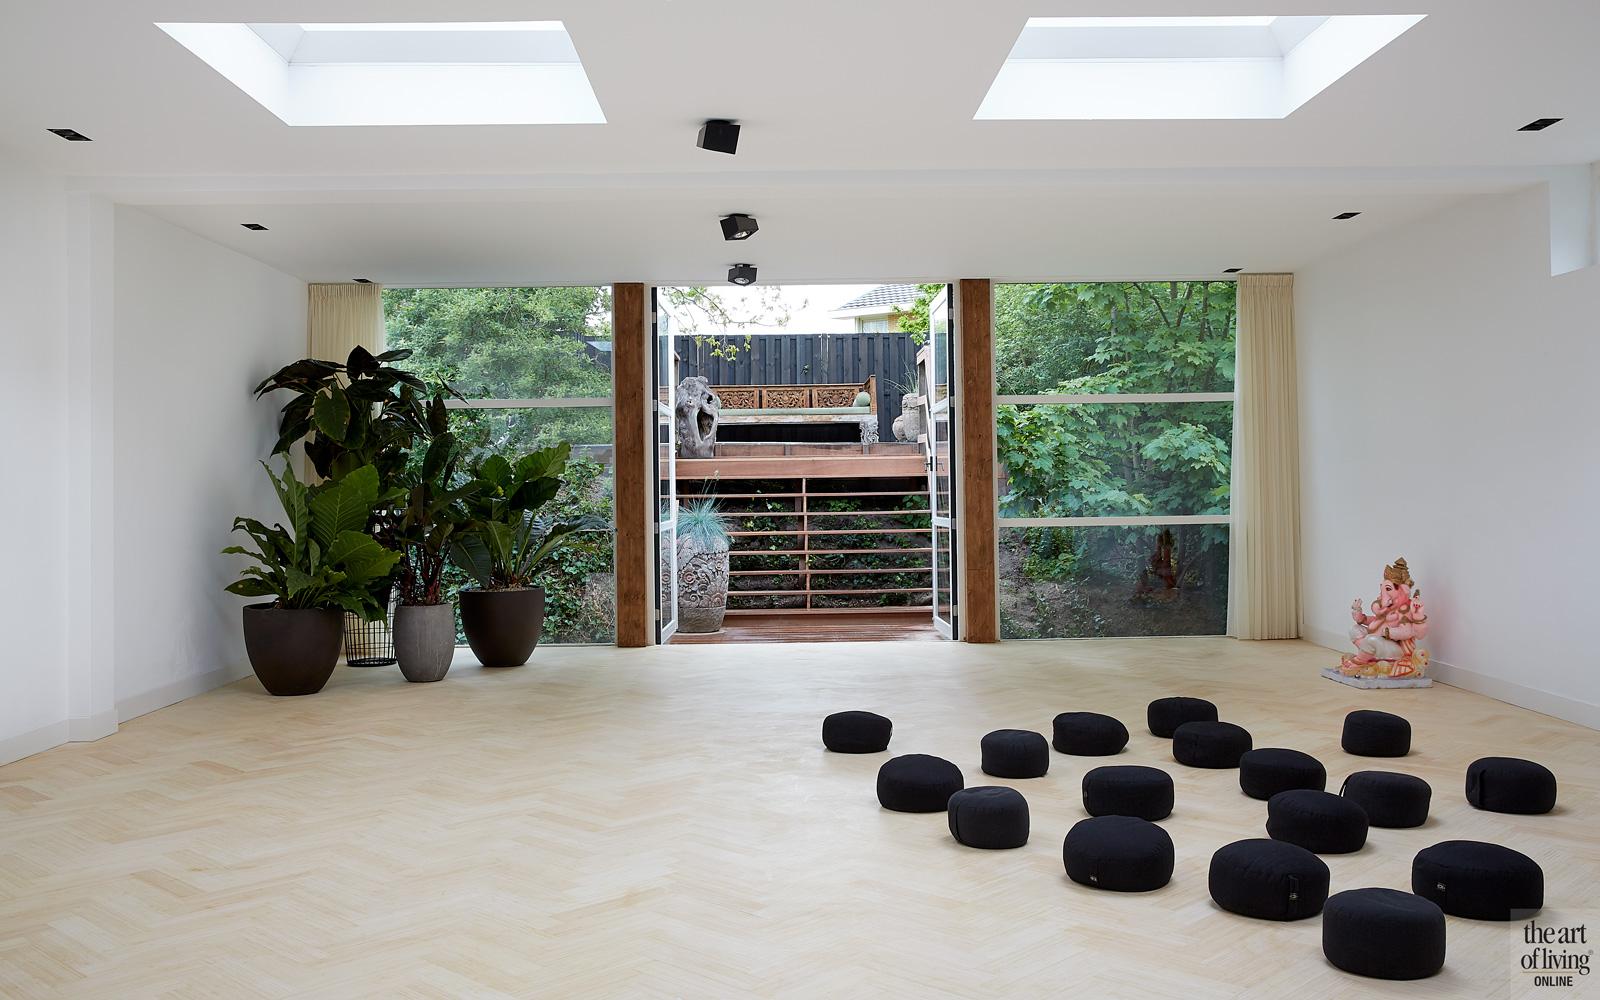 Yogaruimte, bamboe vloer, grote ramen, planten, dakramen, lichtkoepel, woning in kerk, Osiris Hertman